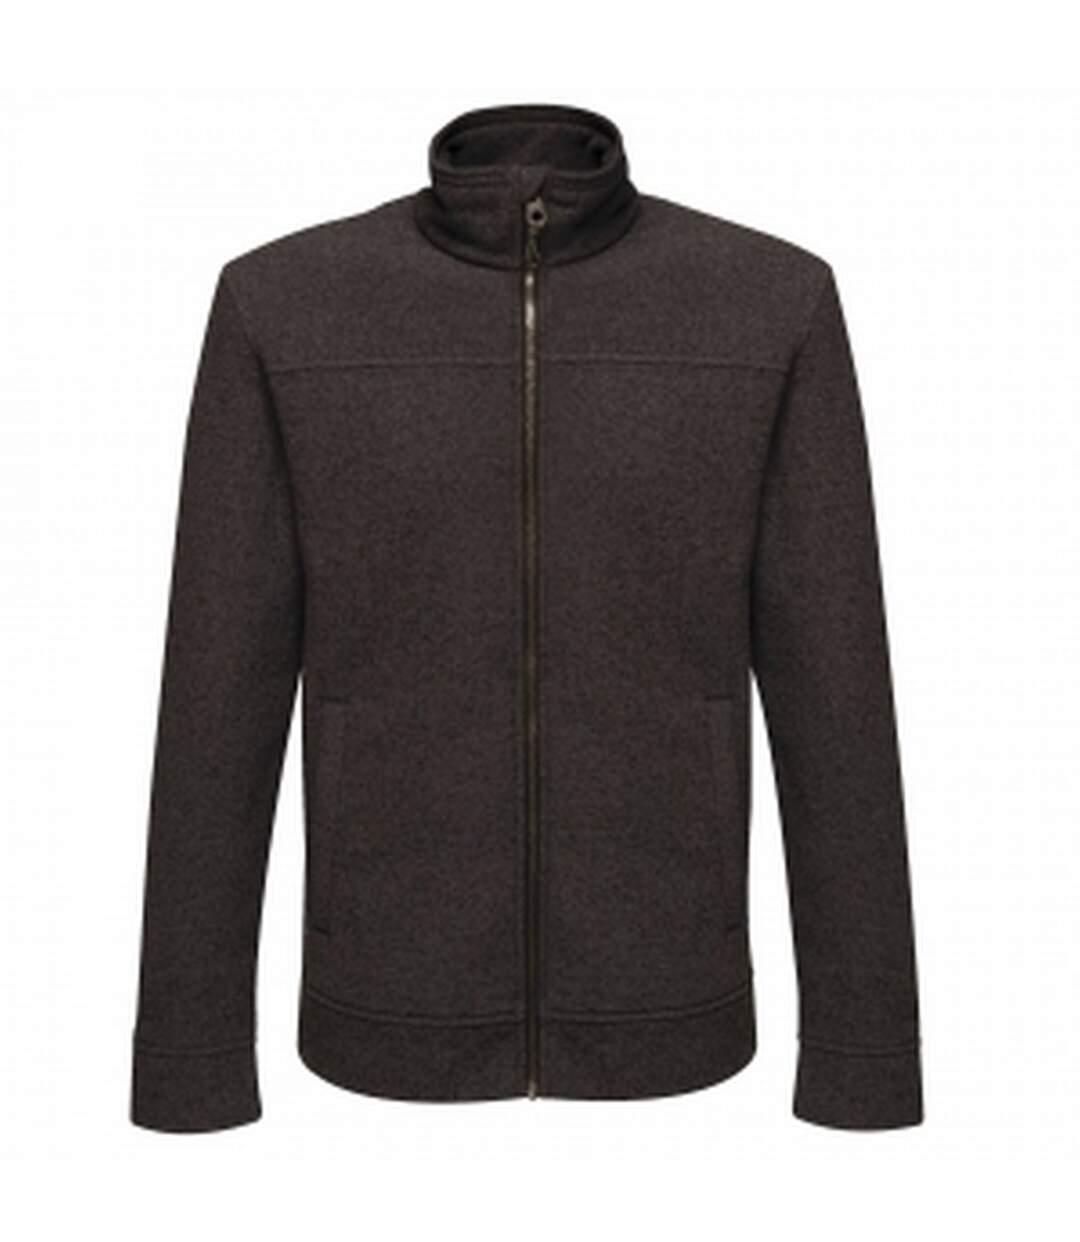 Regatta Mens Parkline Full Zip Fleece Jacket (Black) - UTRG3569